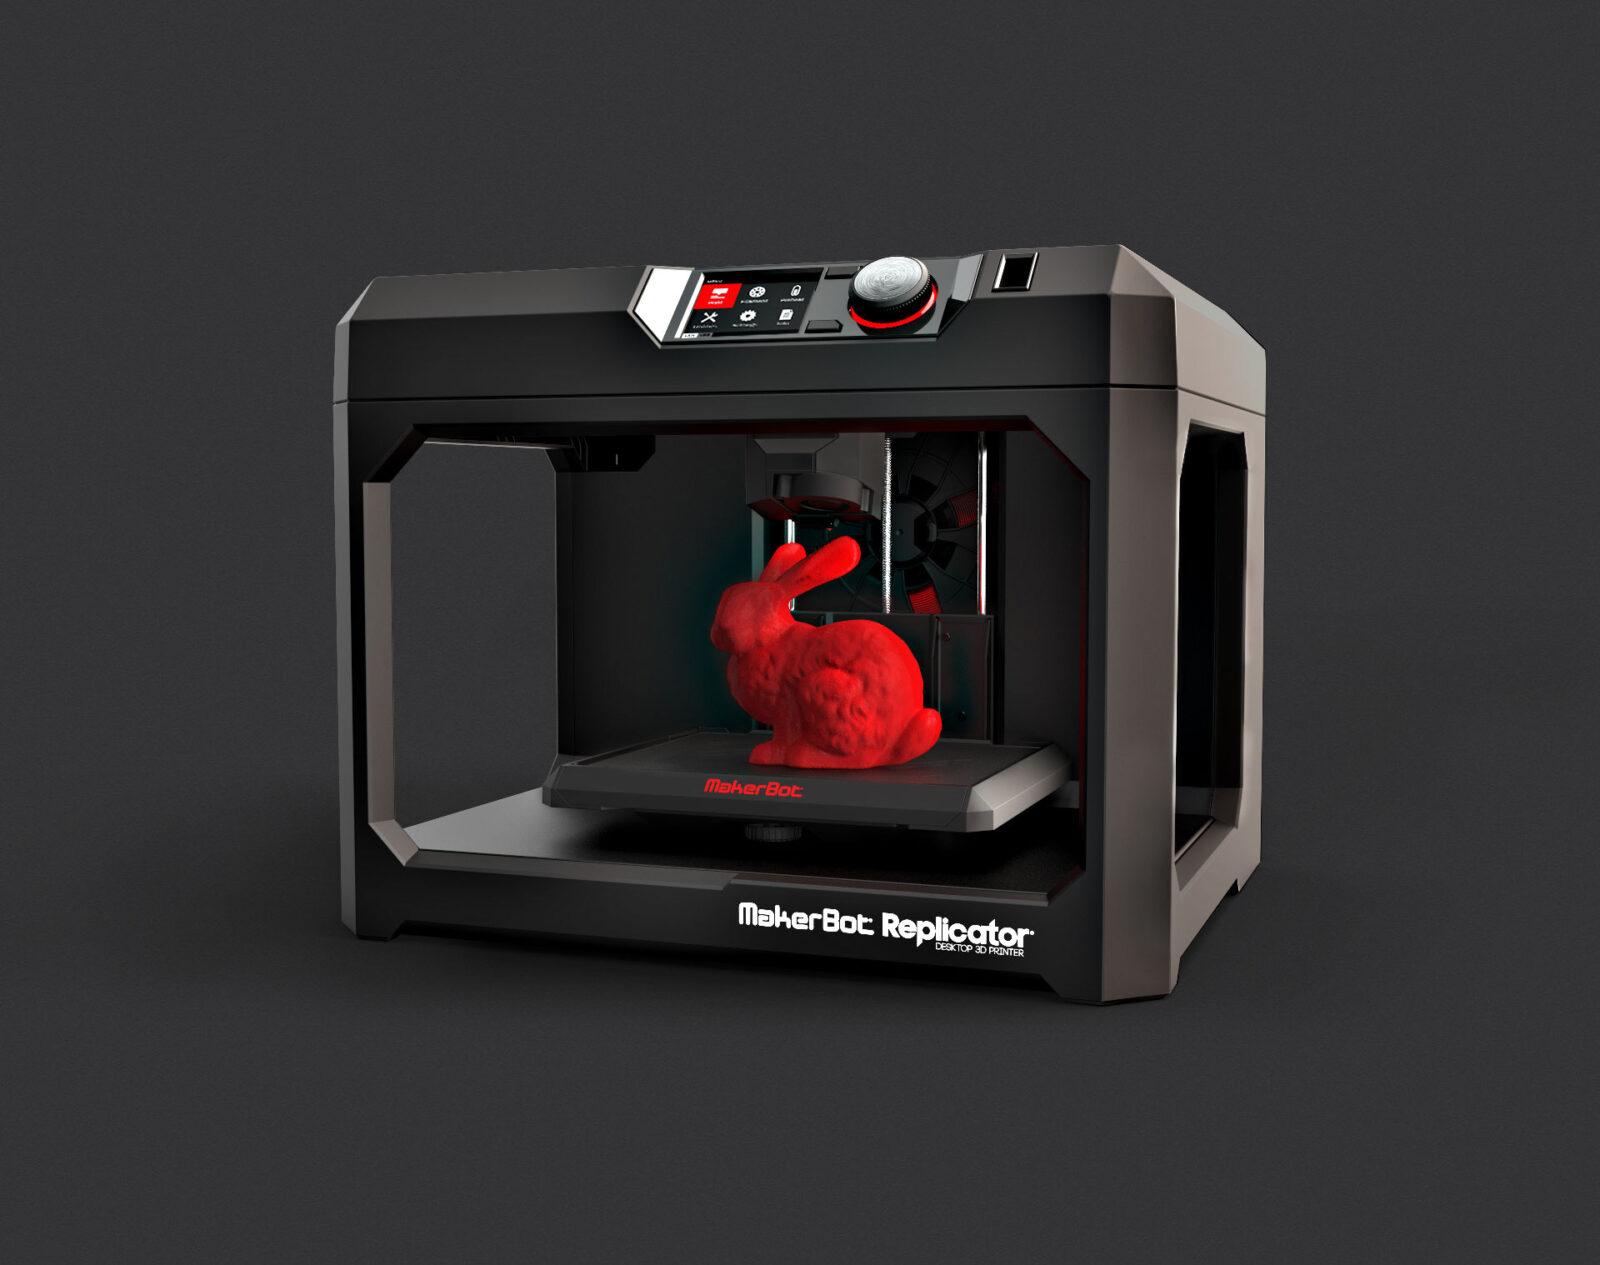 Производство MakerBot для масс-маркета